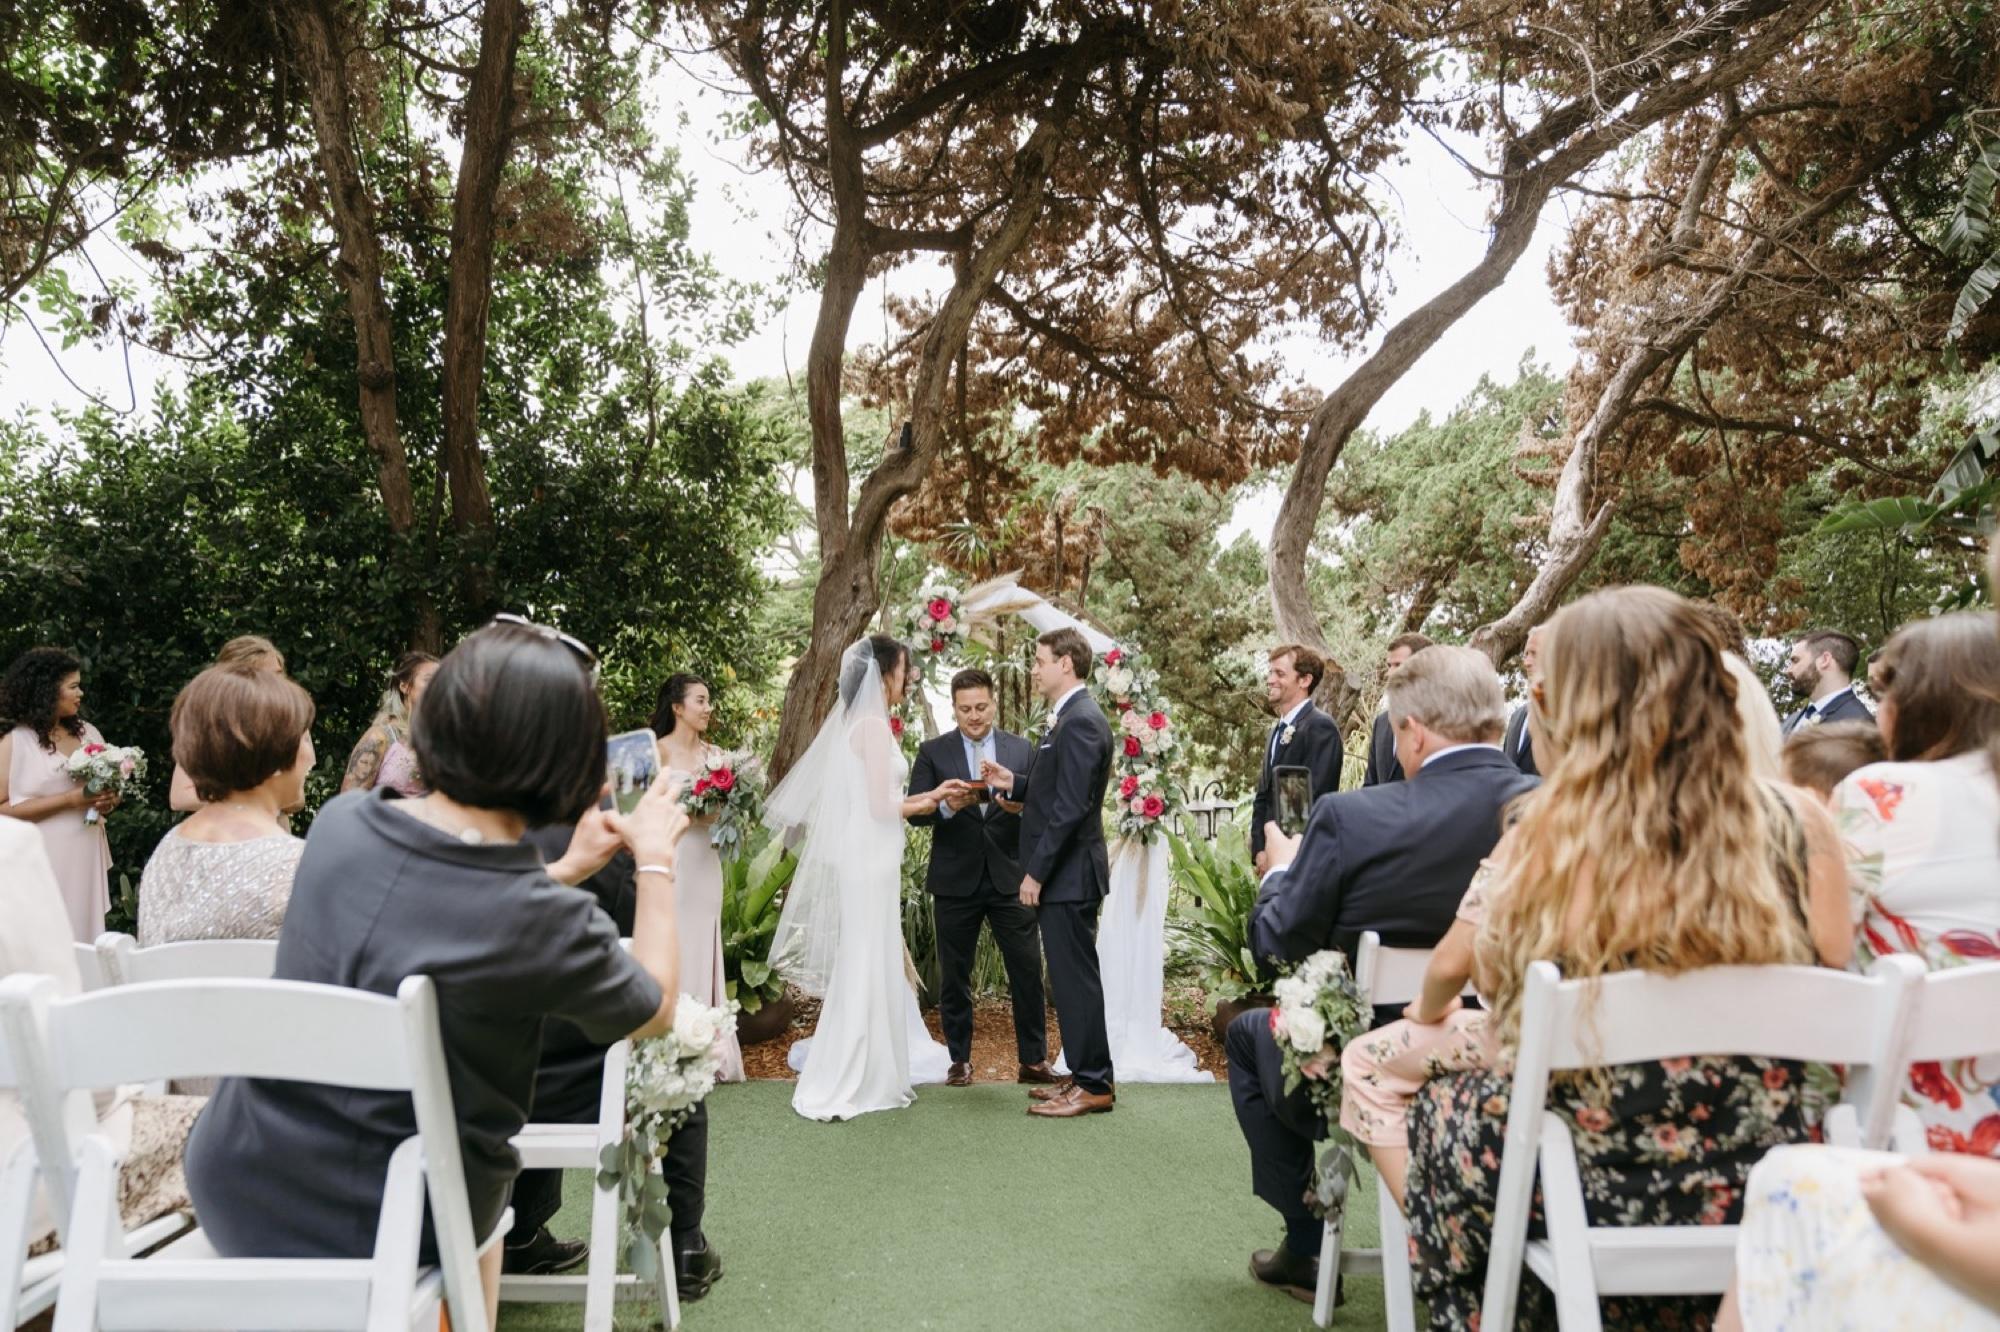 036_Shawna and Steve's Wedding-210.jpg